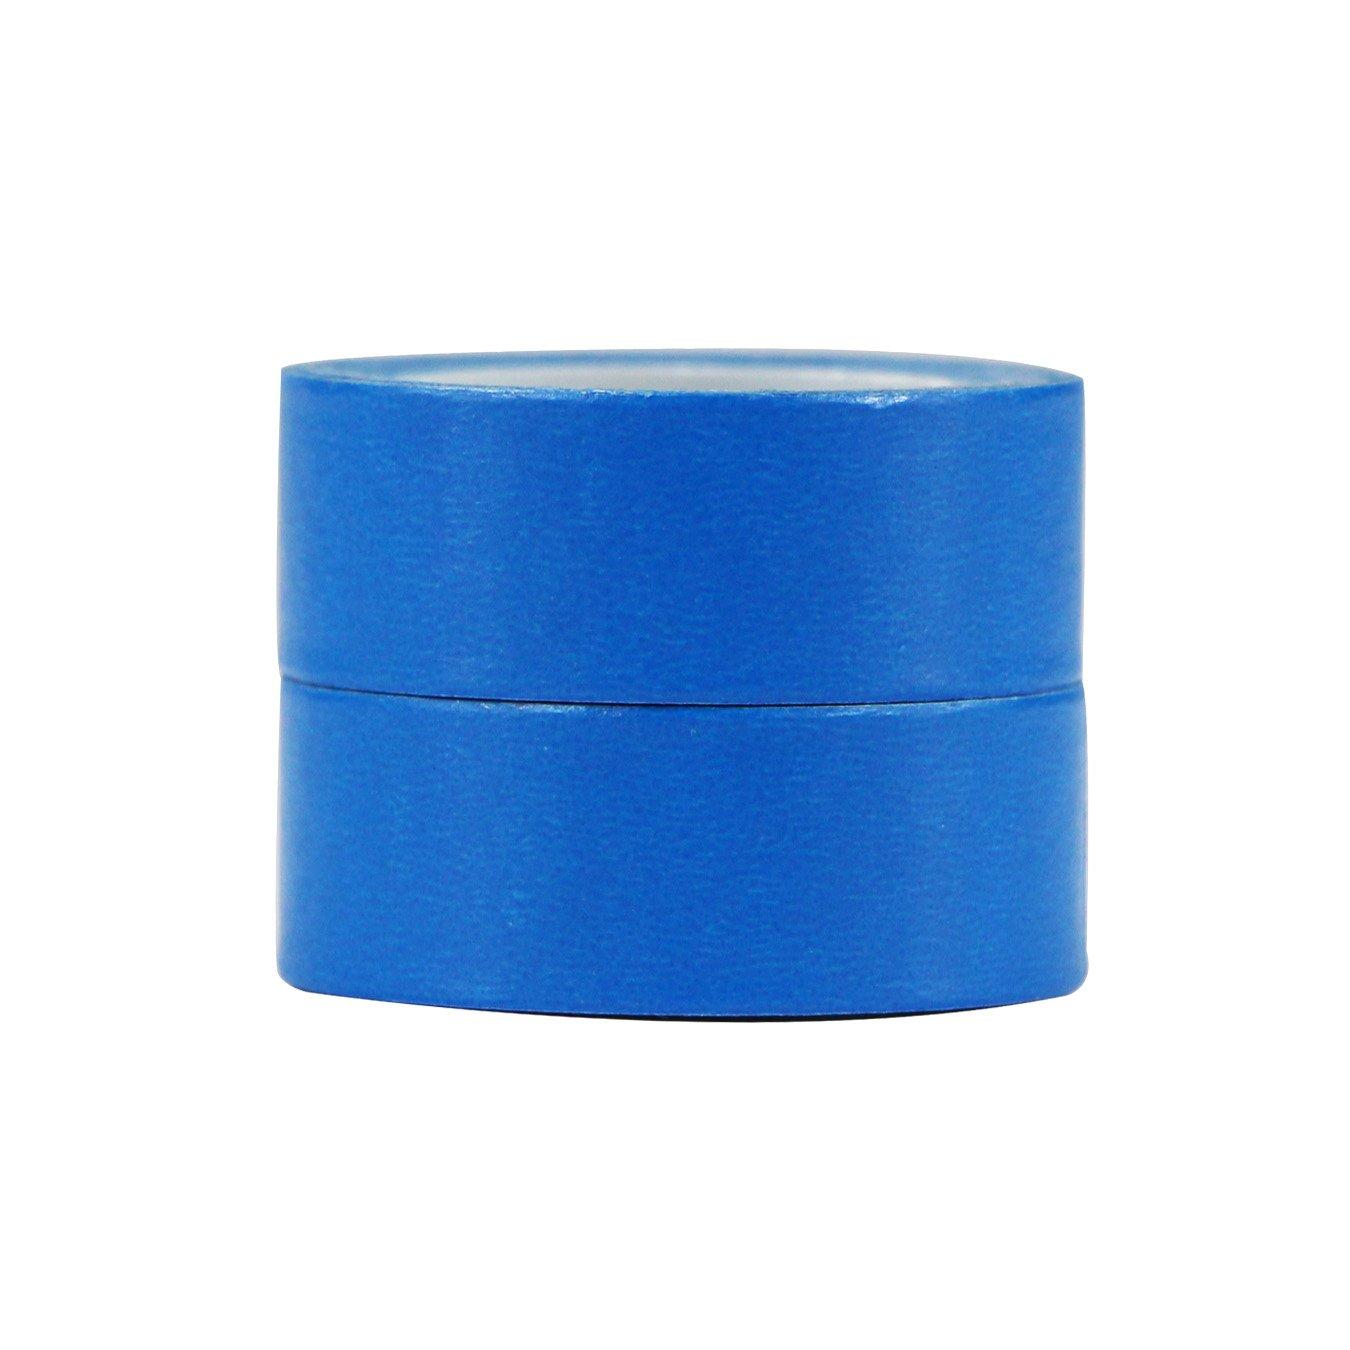 UOOOM 2 rouleaux 10m x 15mm Washi Tape Ruban Adh/ésif Papier D/écoratif Masking tape Scrapbooking dor/é